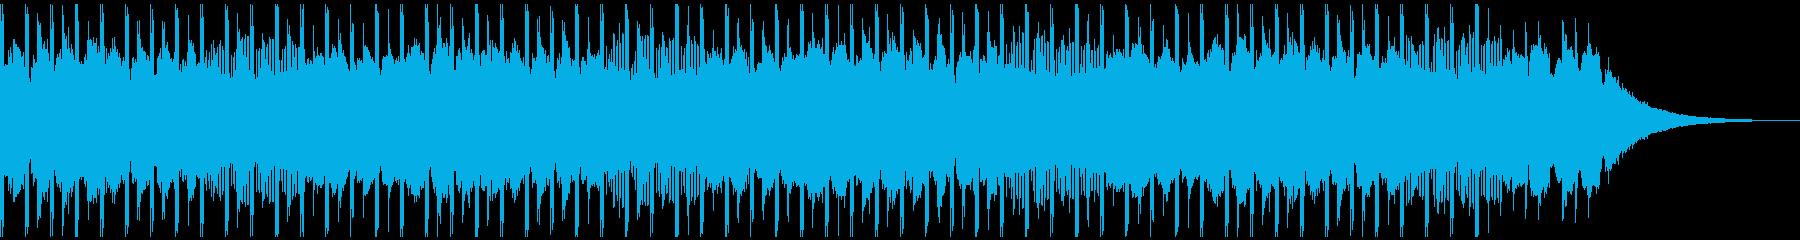 成功した企業(30秒)の再生済みの波形